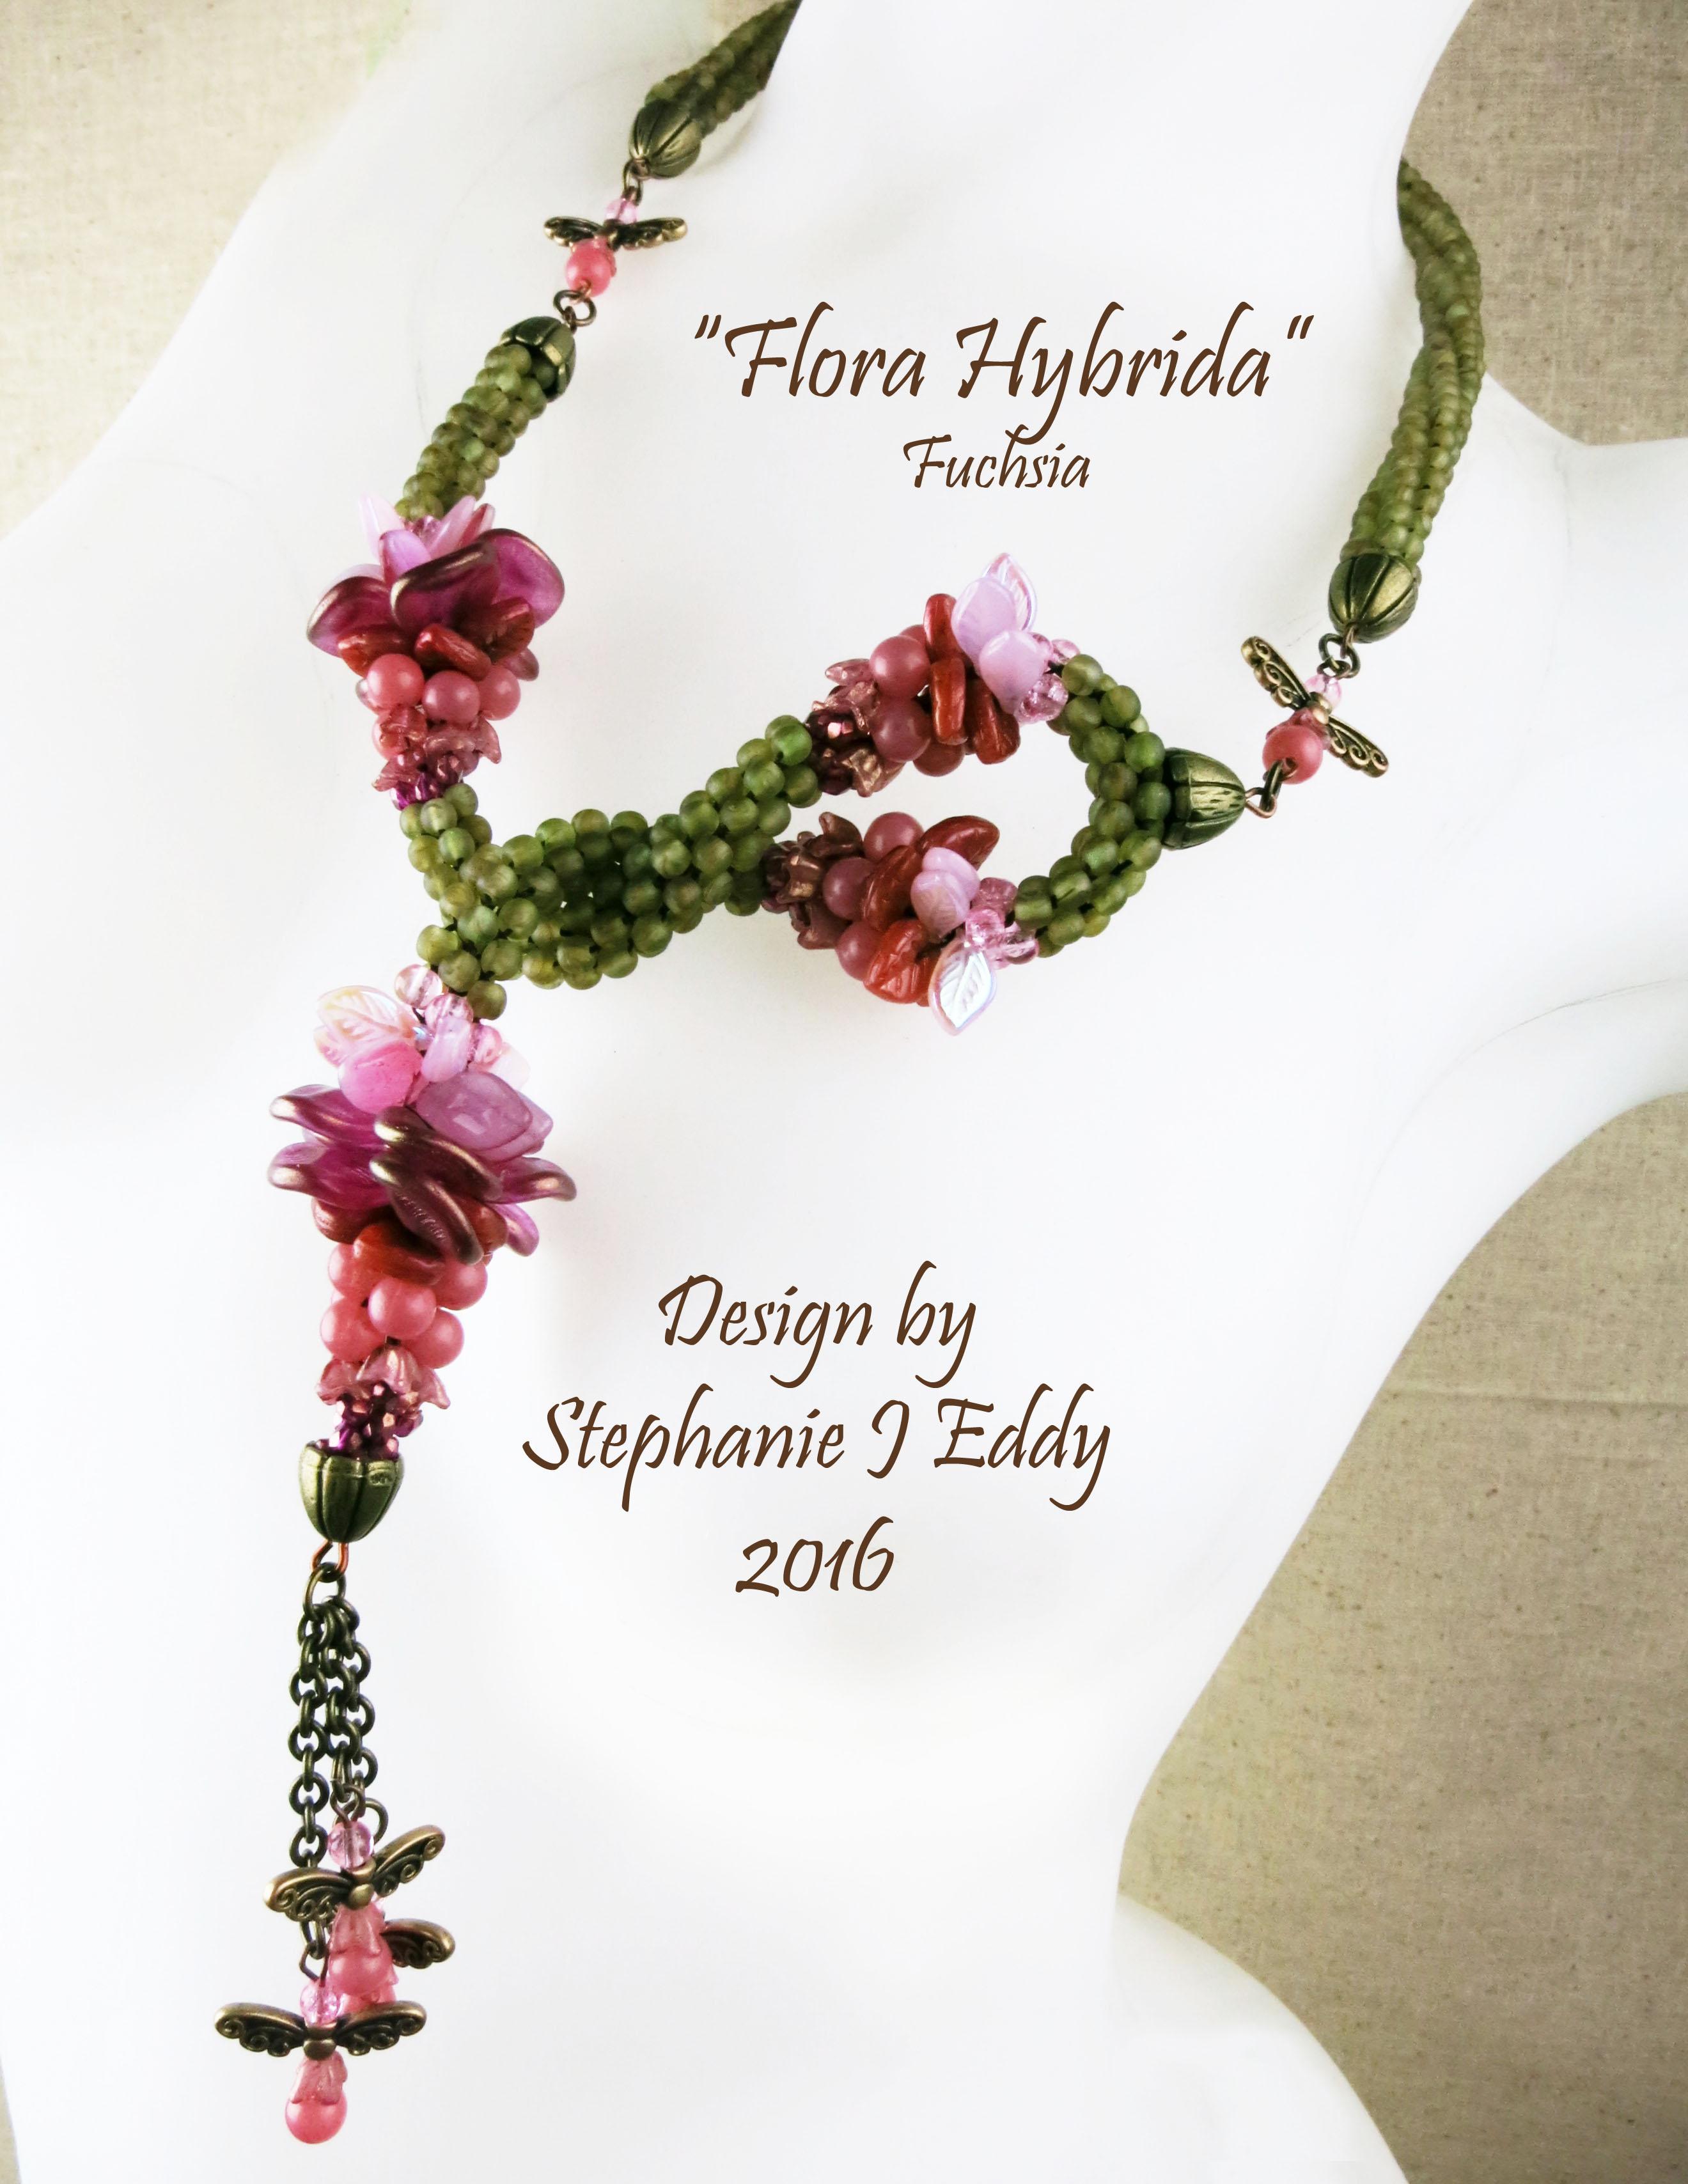 florahybridafuchsia.jpg